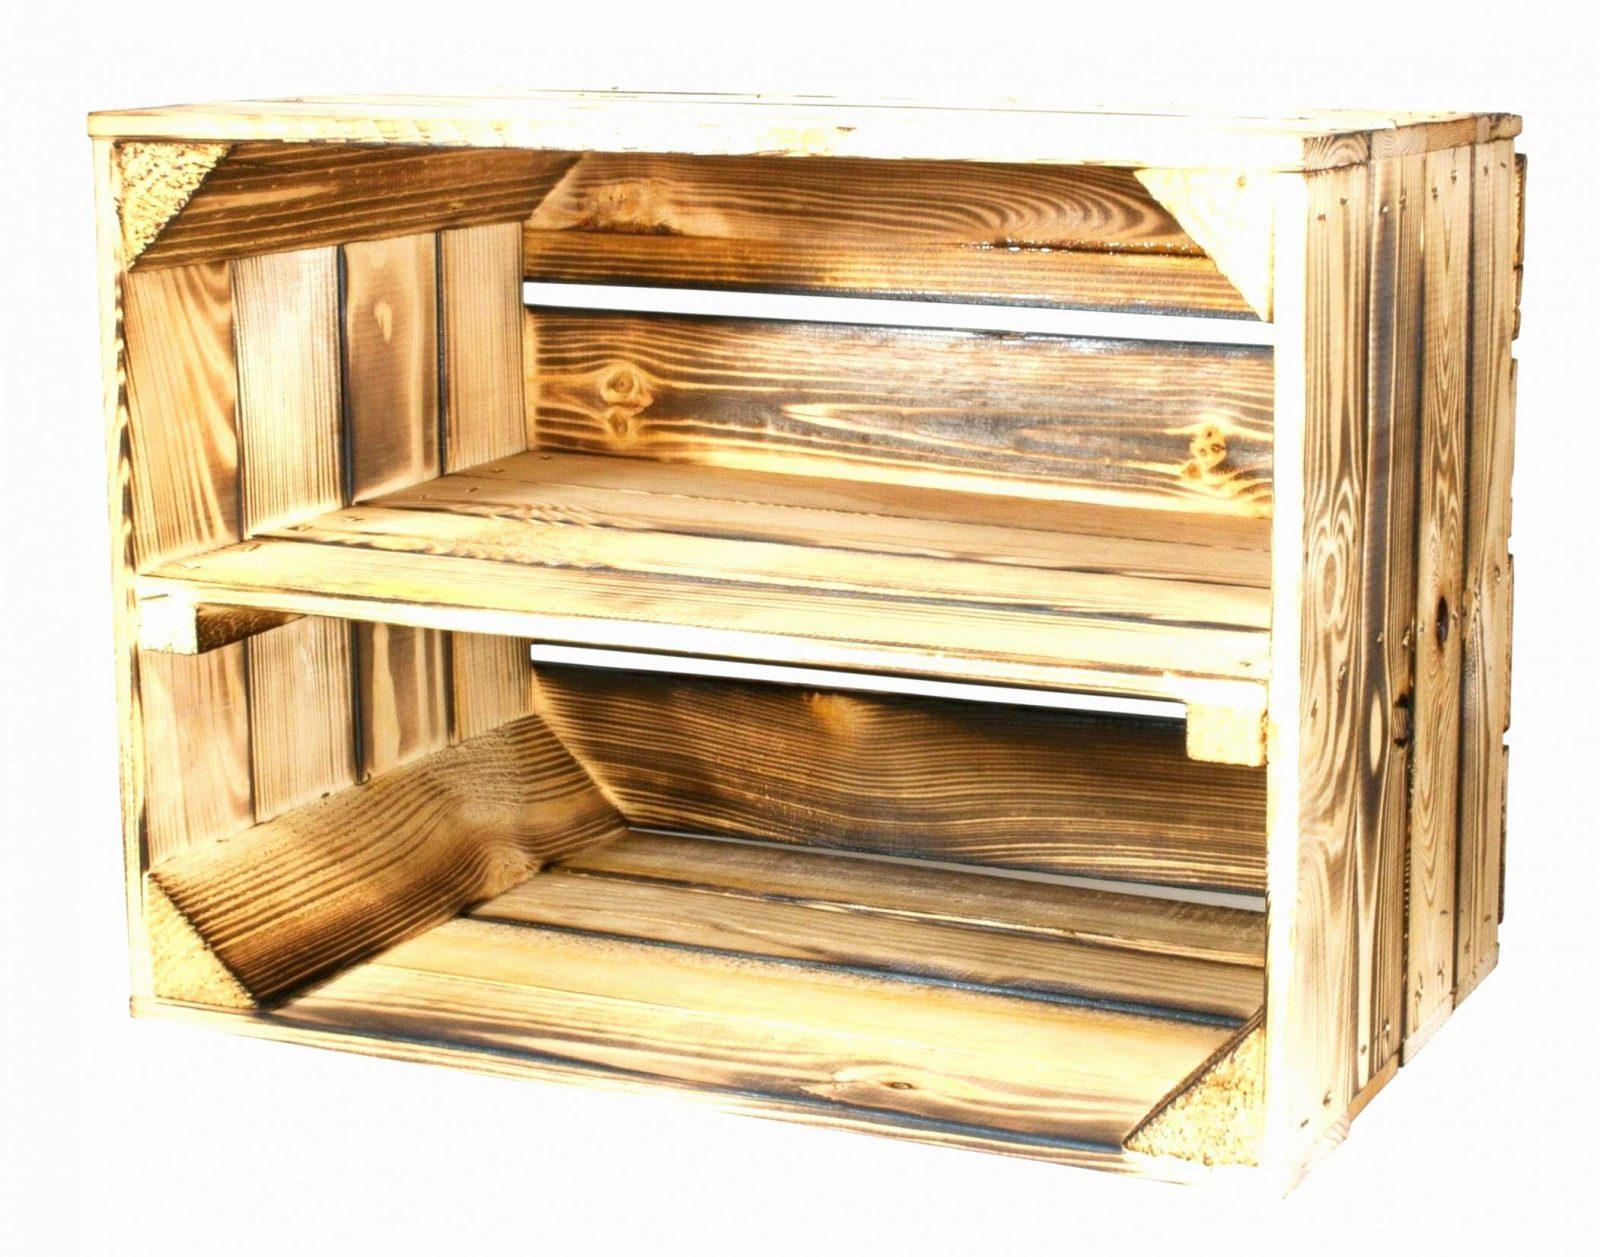 Fotos Von Raumteiler Regal Selber Bauen Planen Von Raumteiler Regal Holz von Raumteiler Regal Selber Bauen Bild